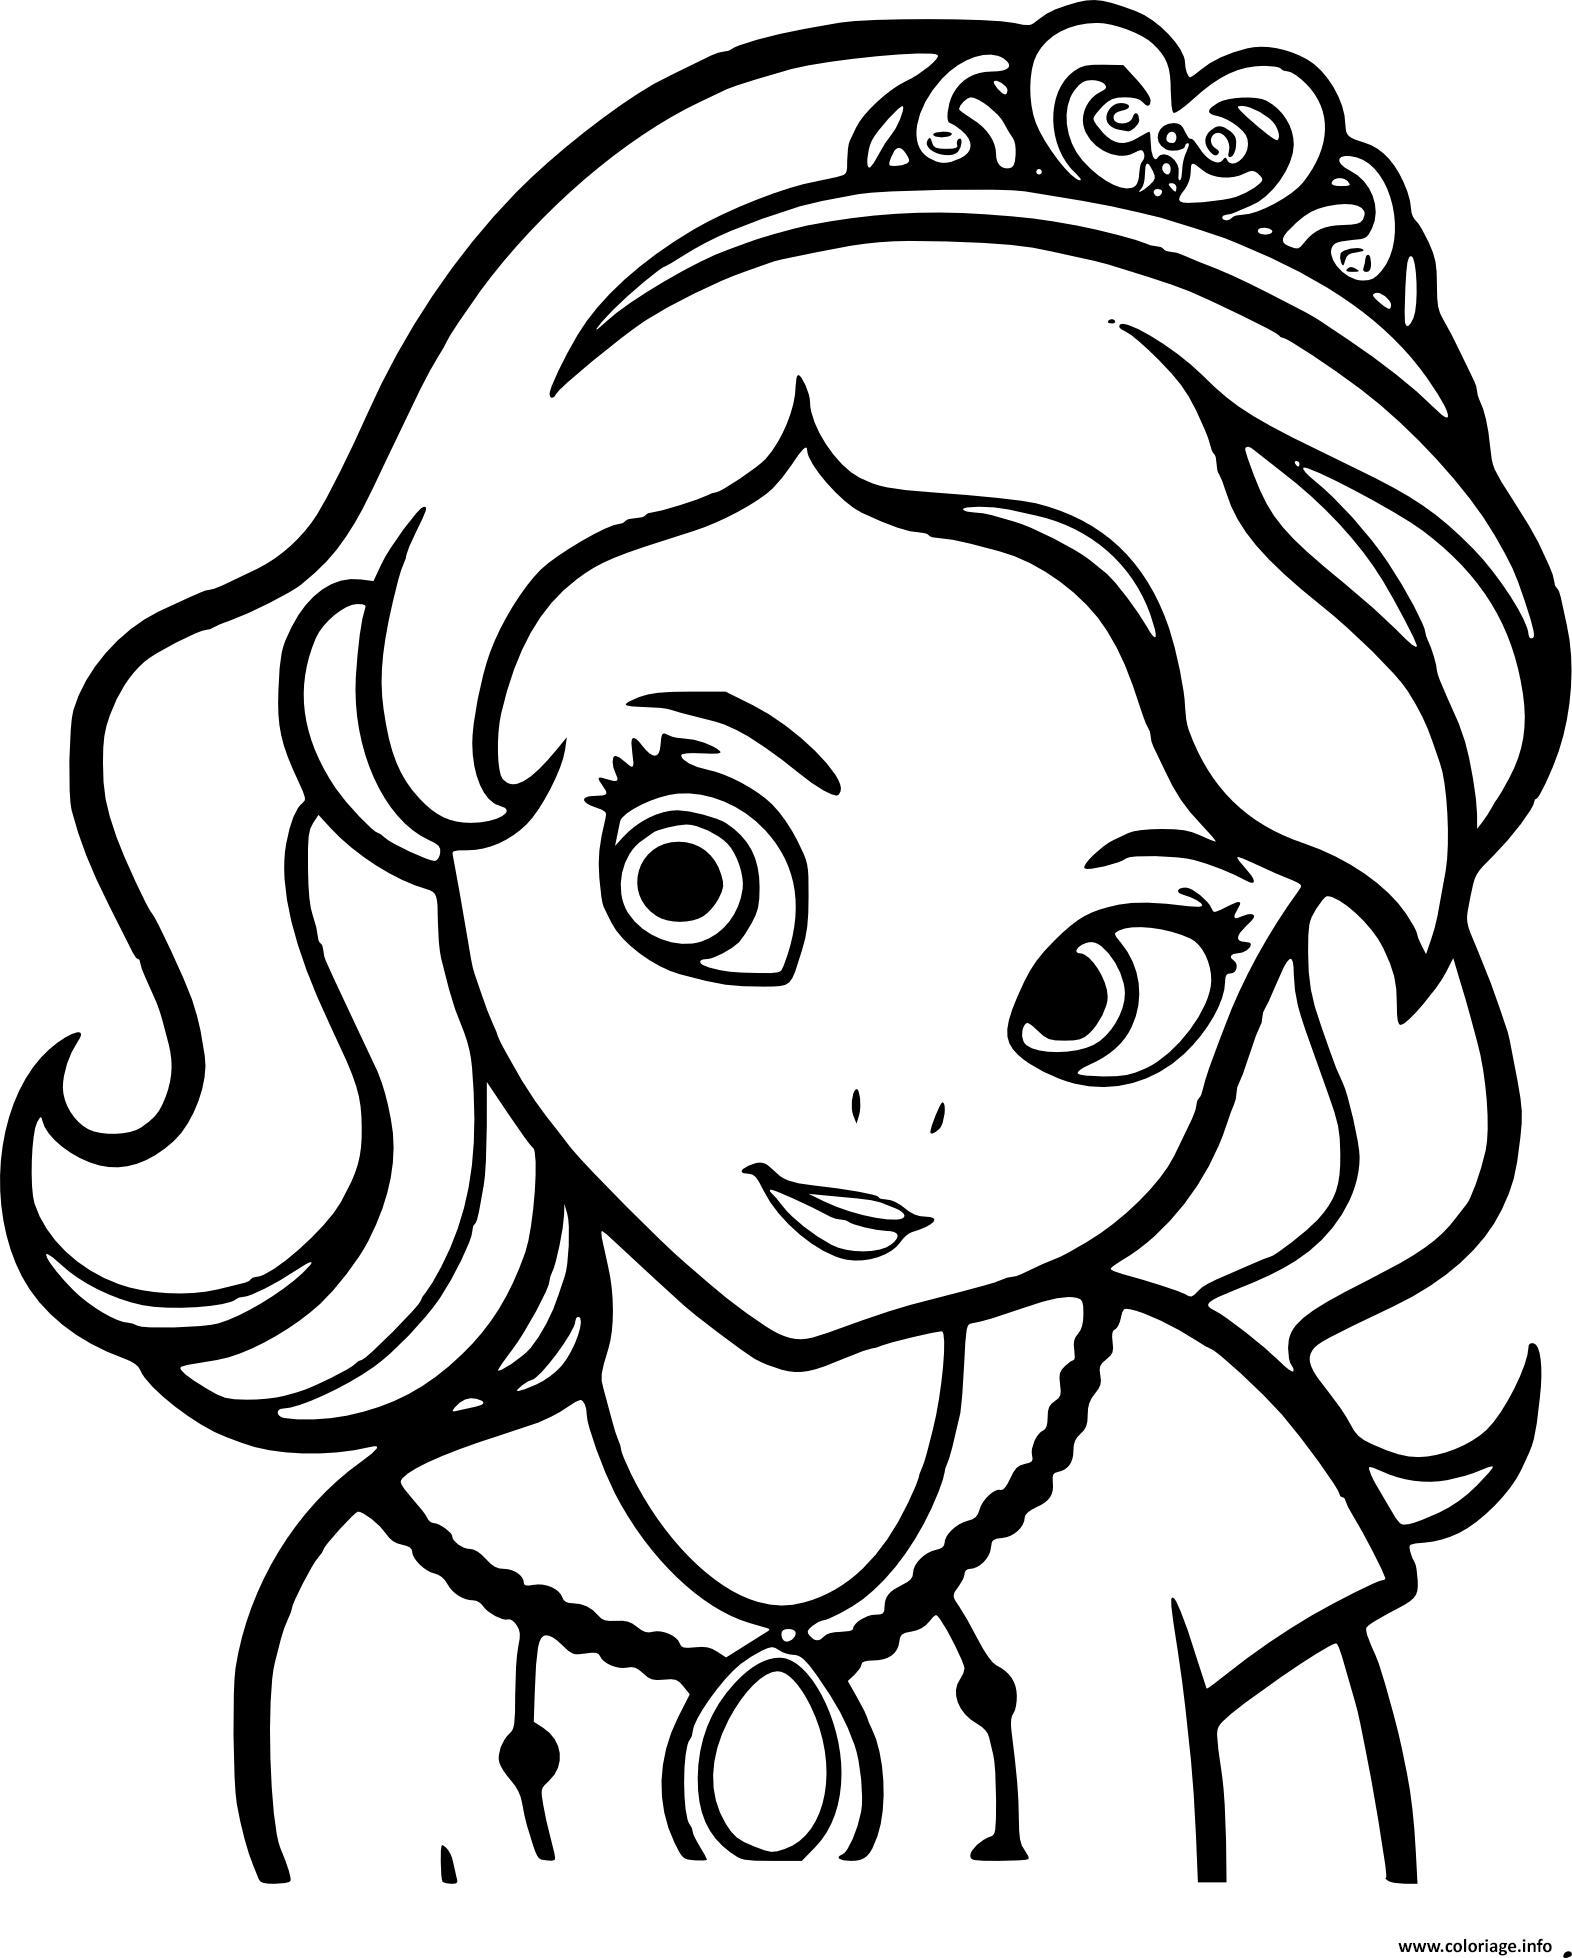 Frais Dessin A Colorier Princesse sofia A Imprimer